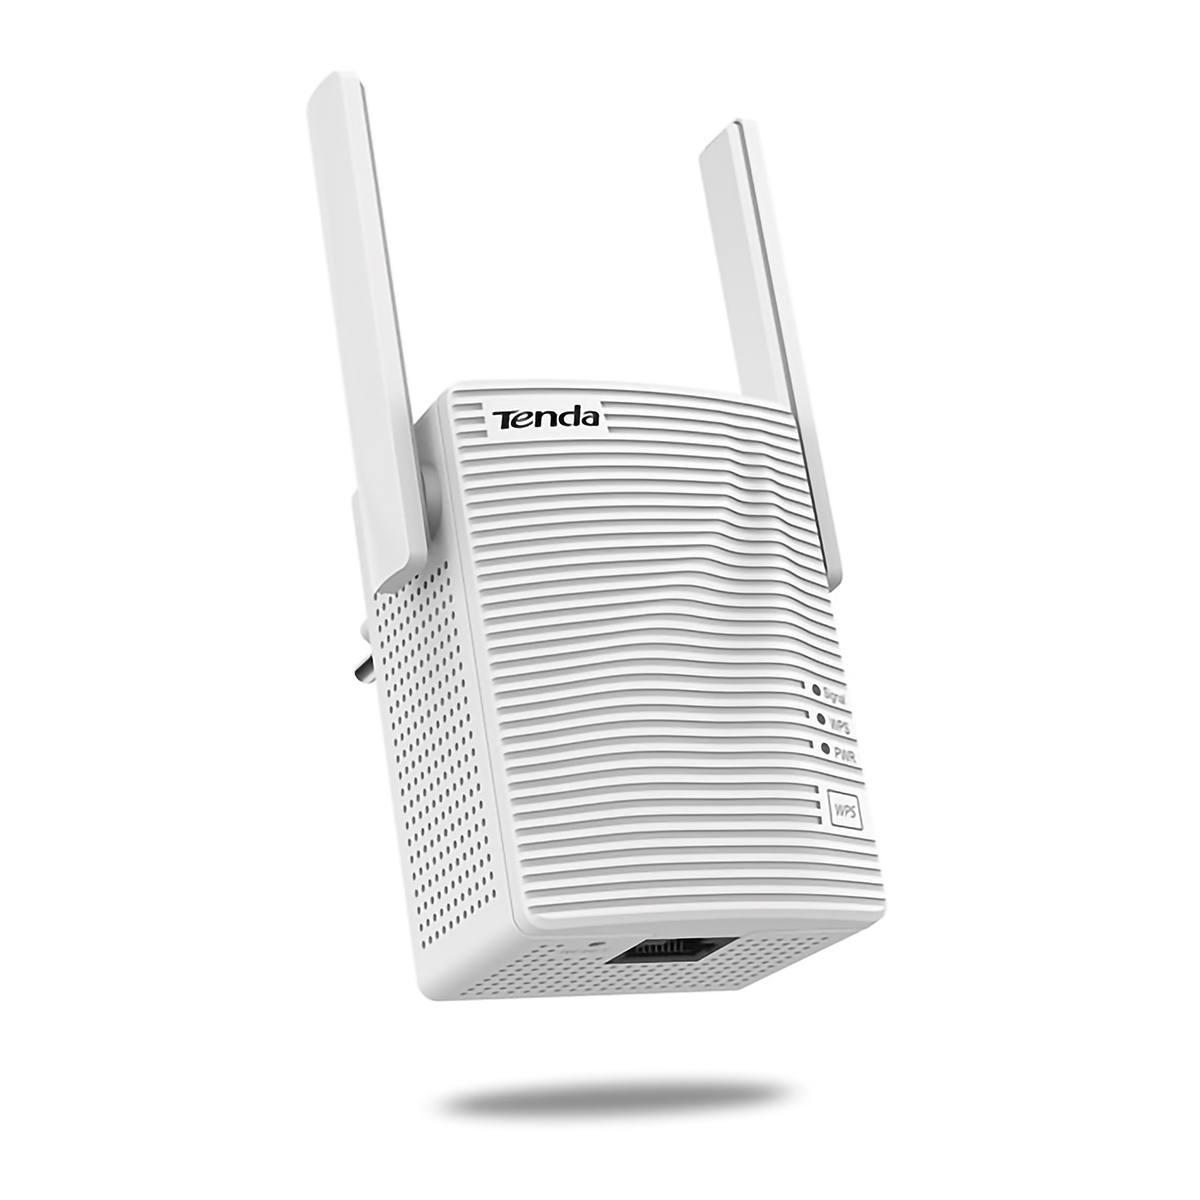 Repetidor Wireless 300Mbps 802.11N WI-FI com 2 Antenas Externas e 1 Porta LAN Tenda Extensor Sem Fio A301